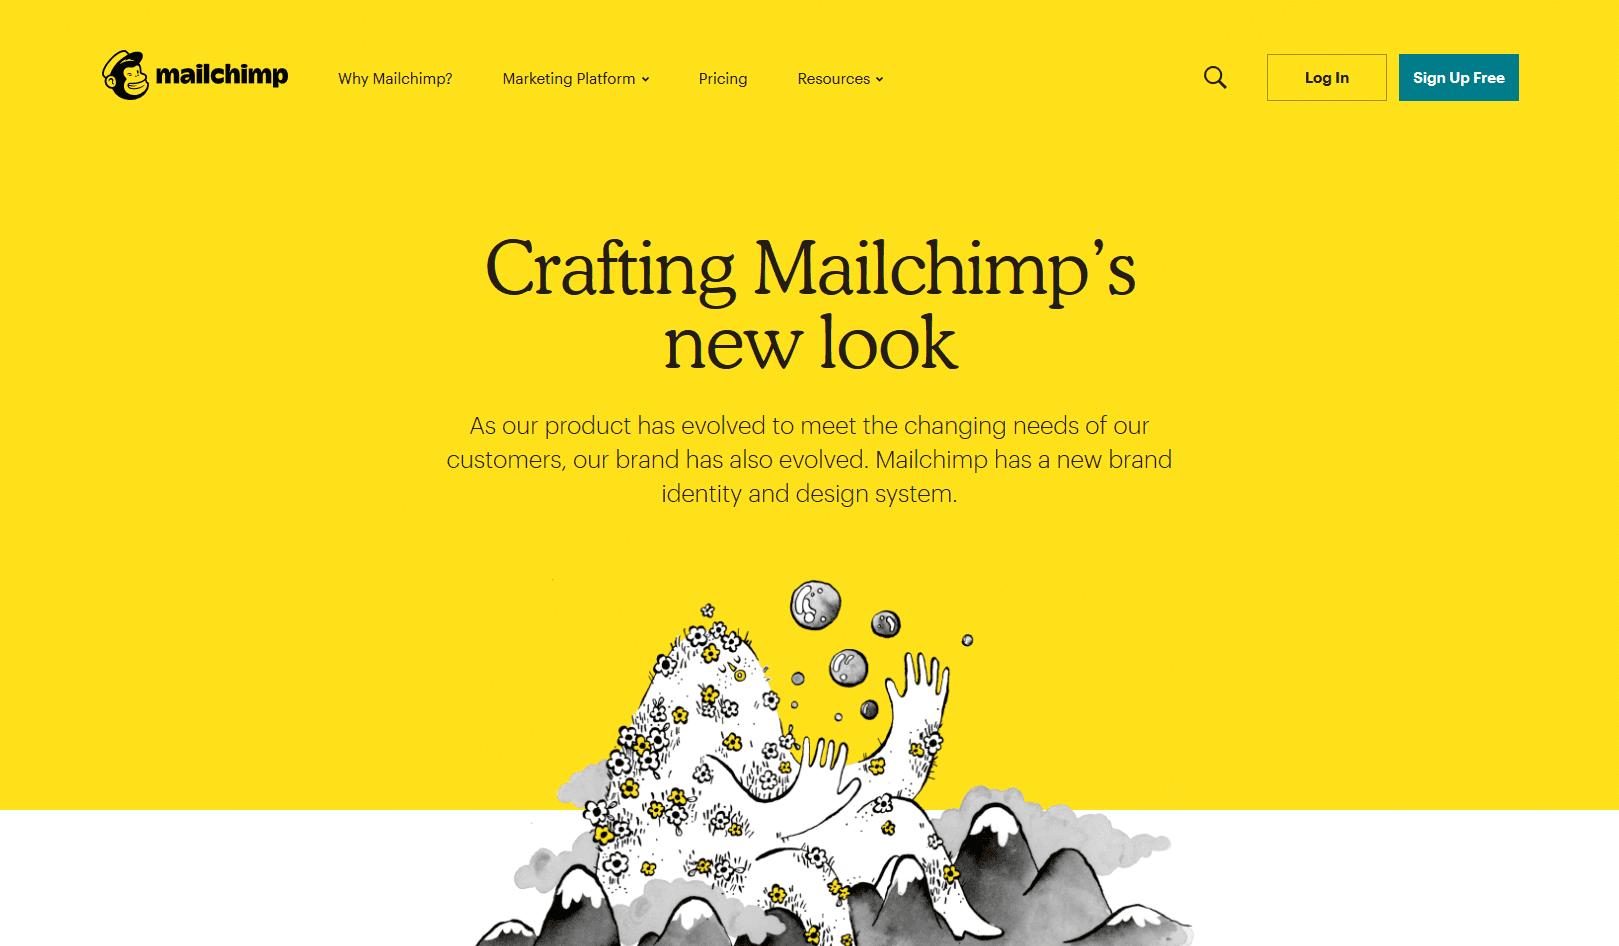 Mailchimp-Design---trending-website-design-for-2020-compressor